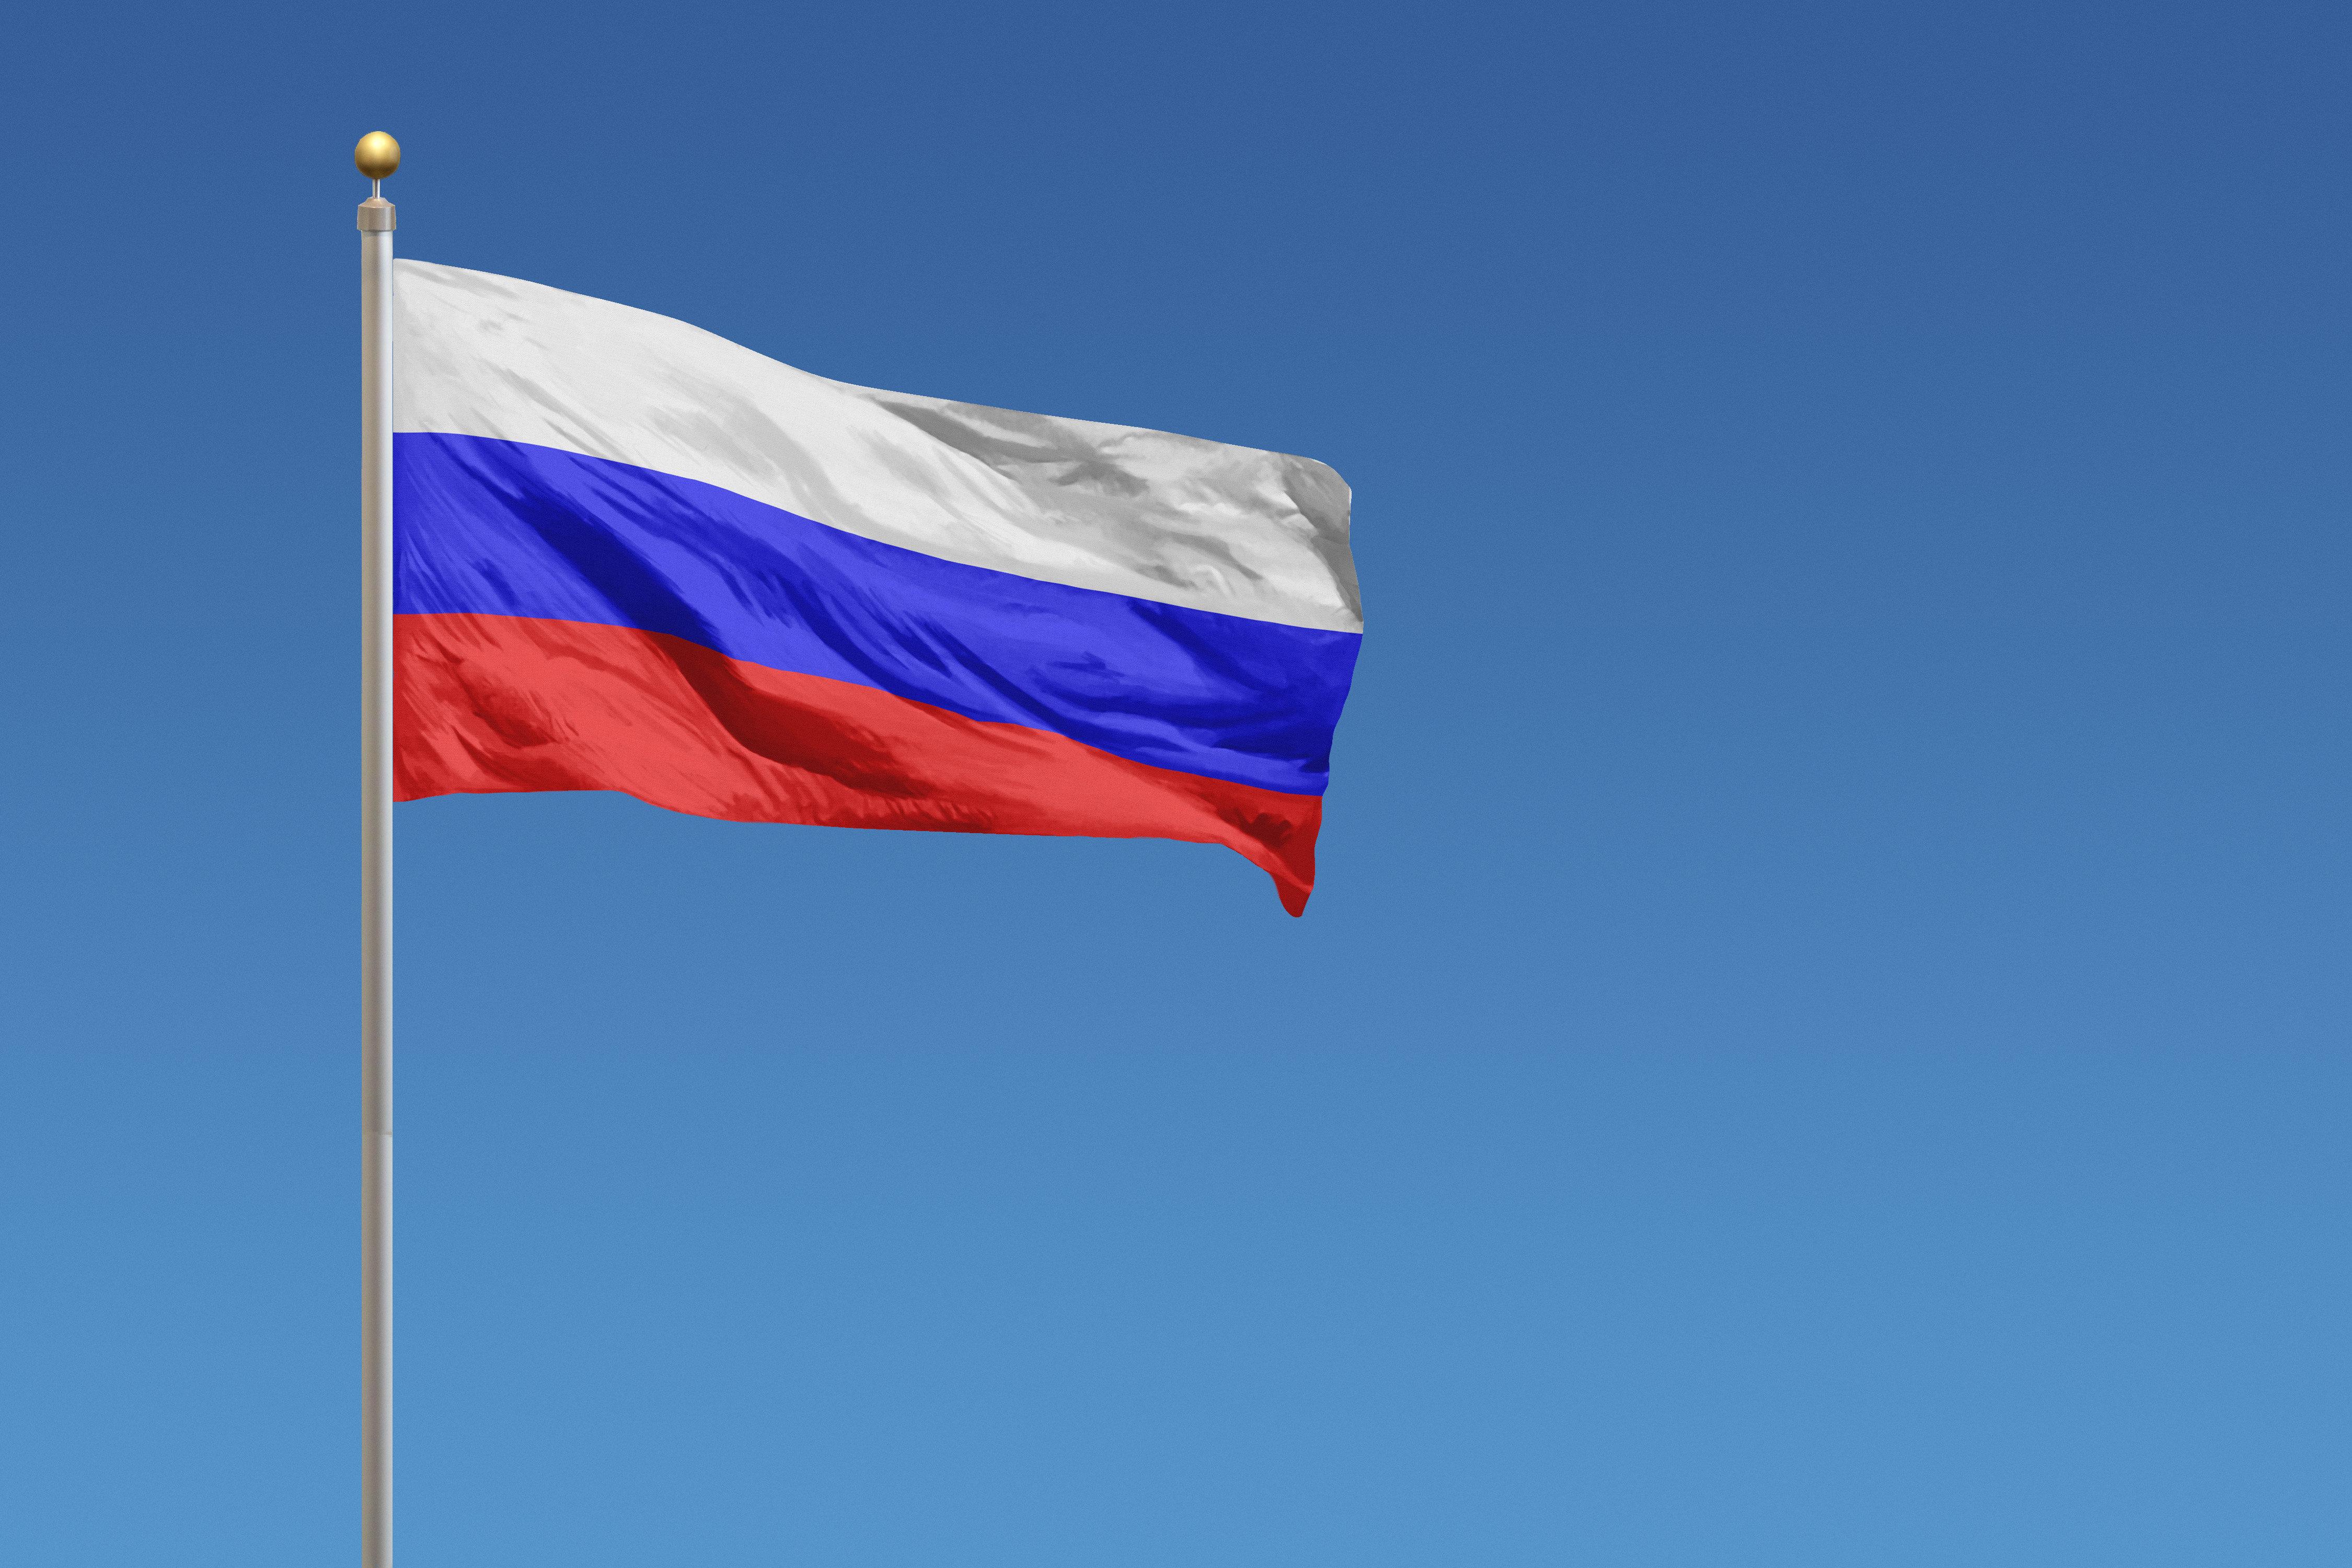 ロシアでインターネットを外国から隔離する法案が提出される。「国家管理強まる」とユーザー反発